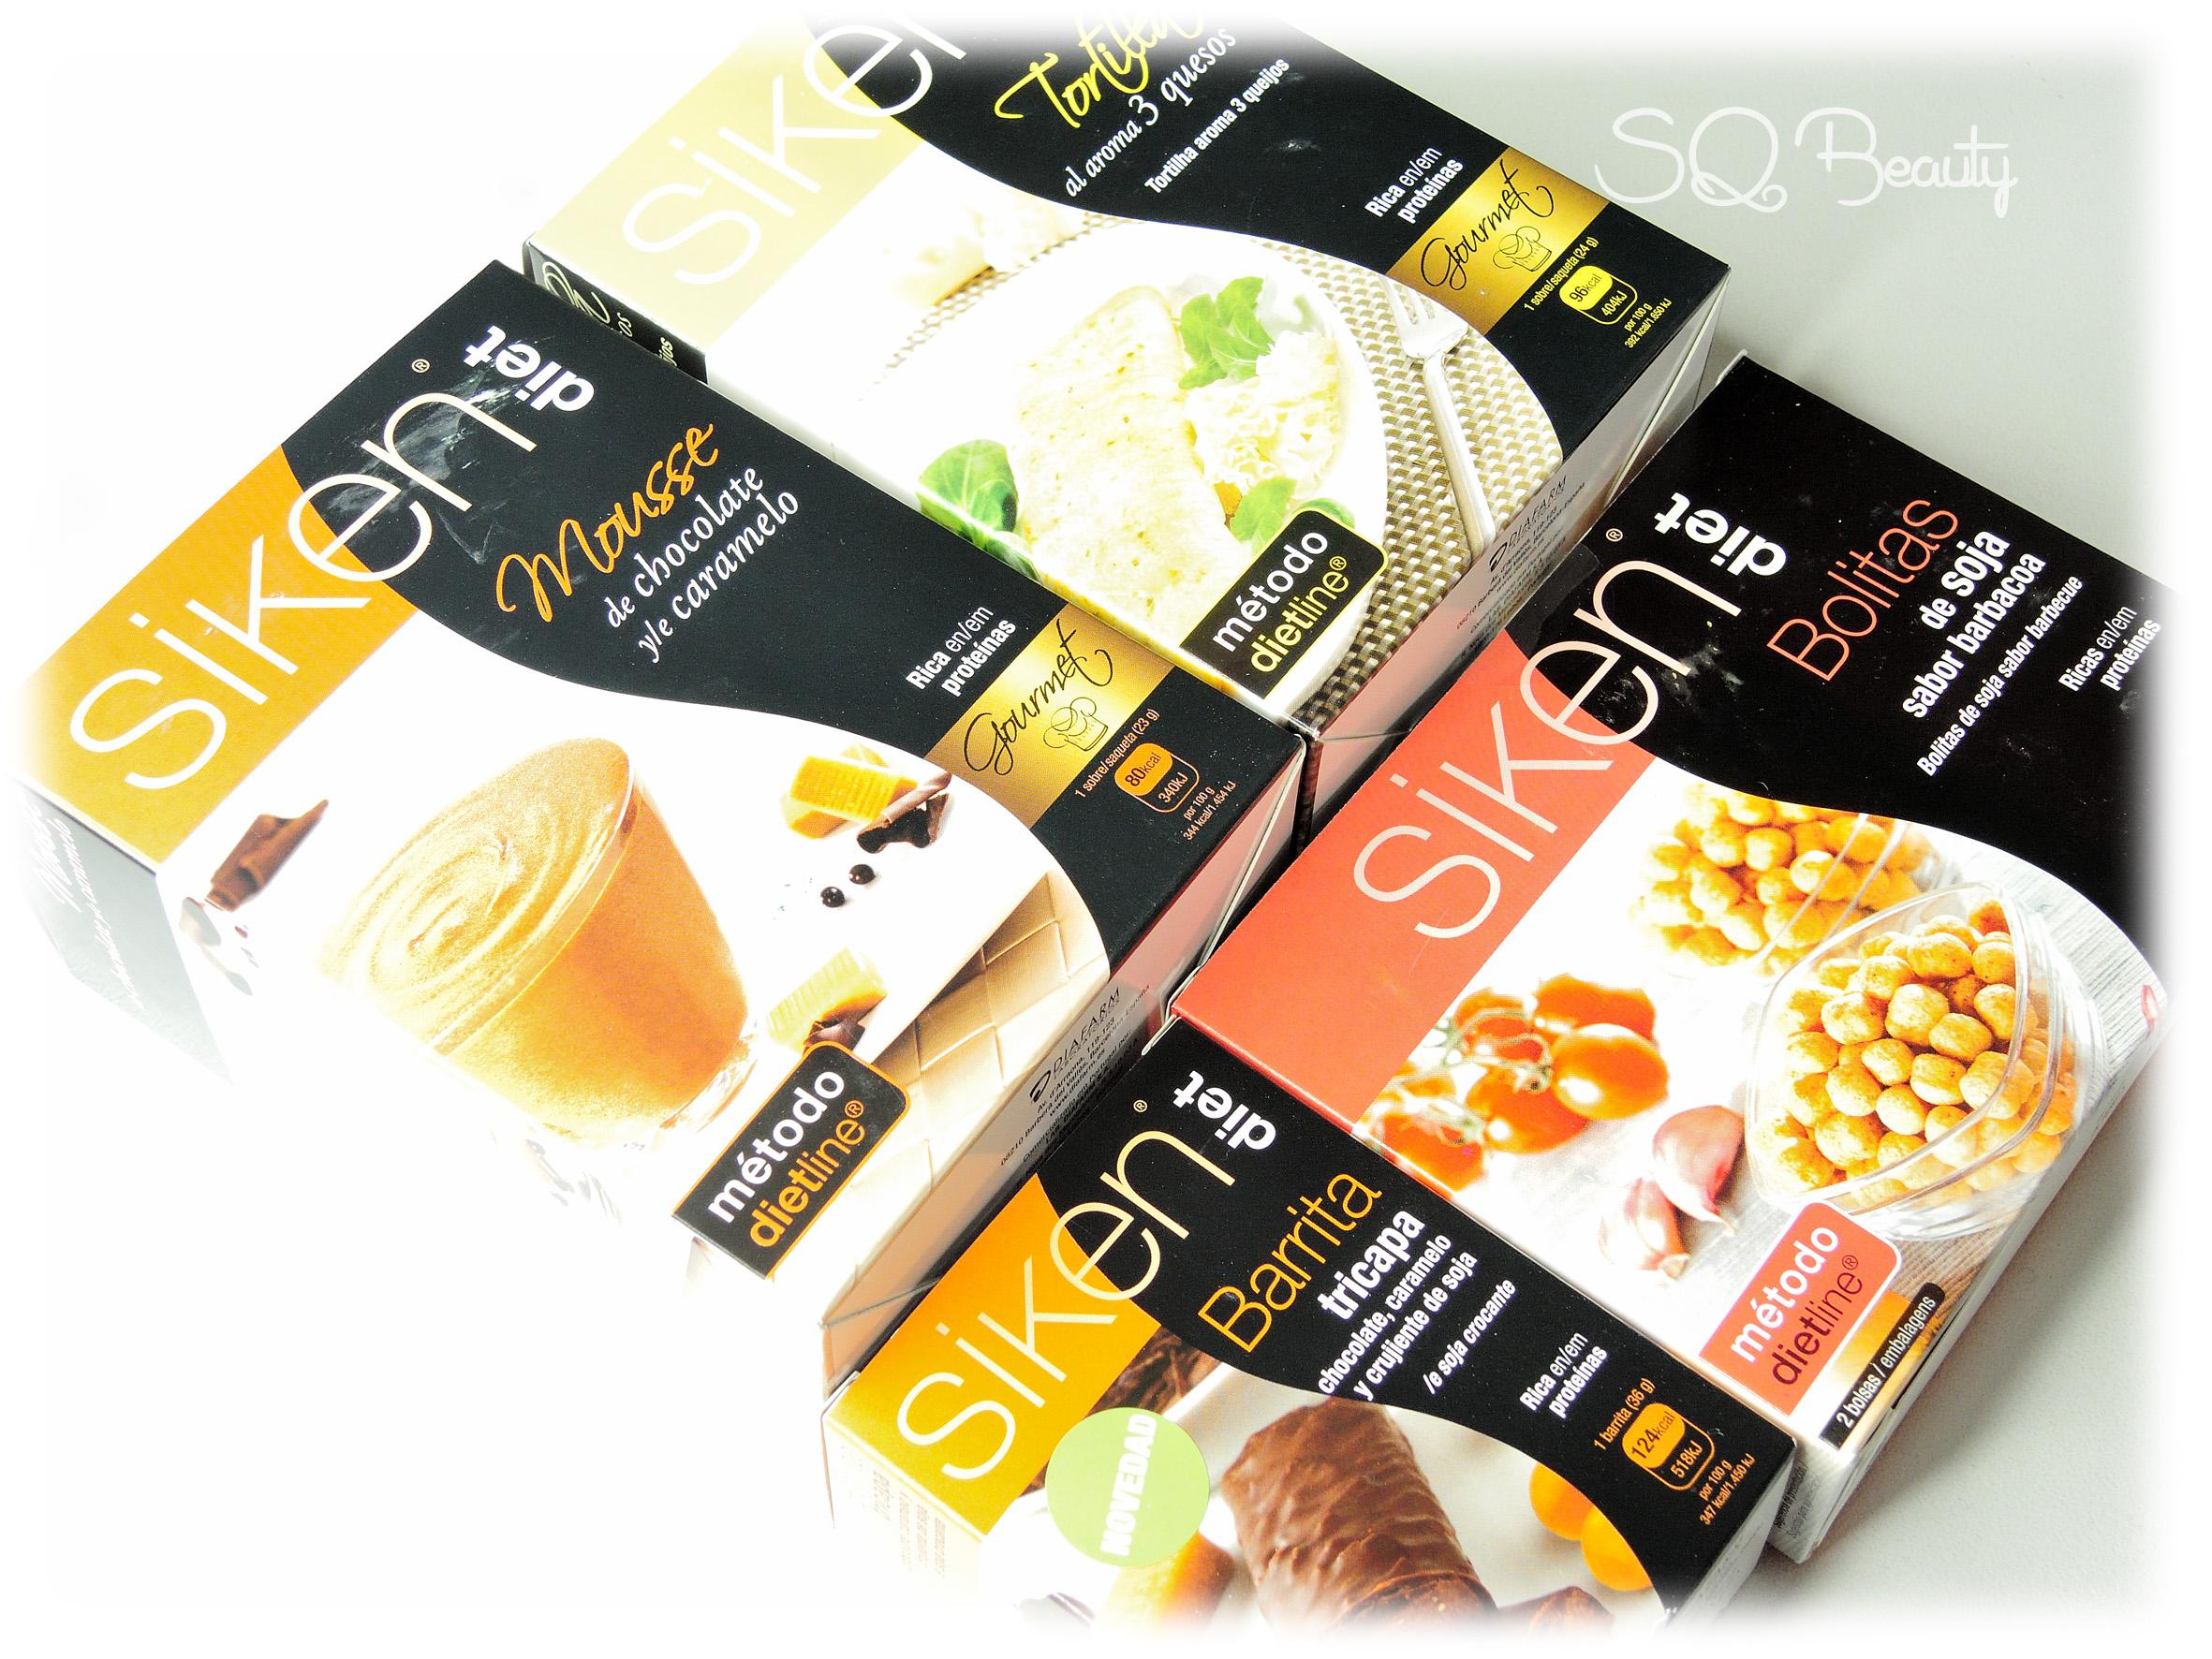 Complementos para ayudar a tu dieta adelgazante Silvia Quiros SQ Beauty